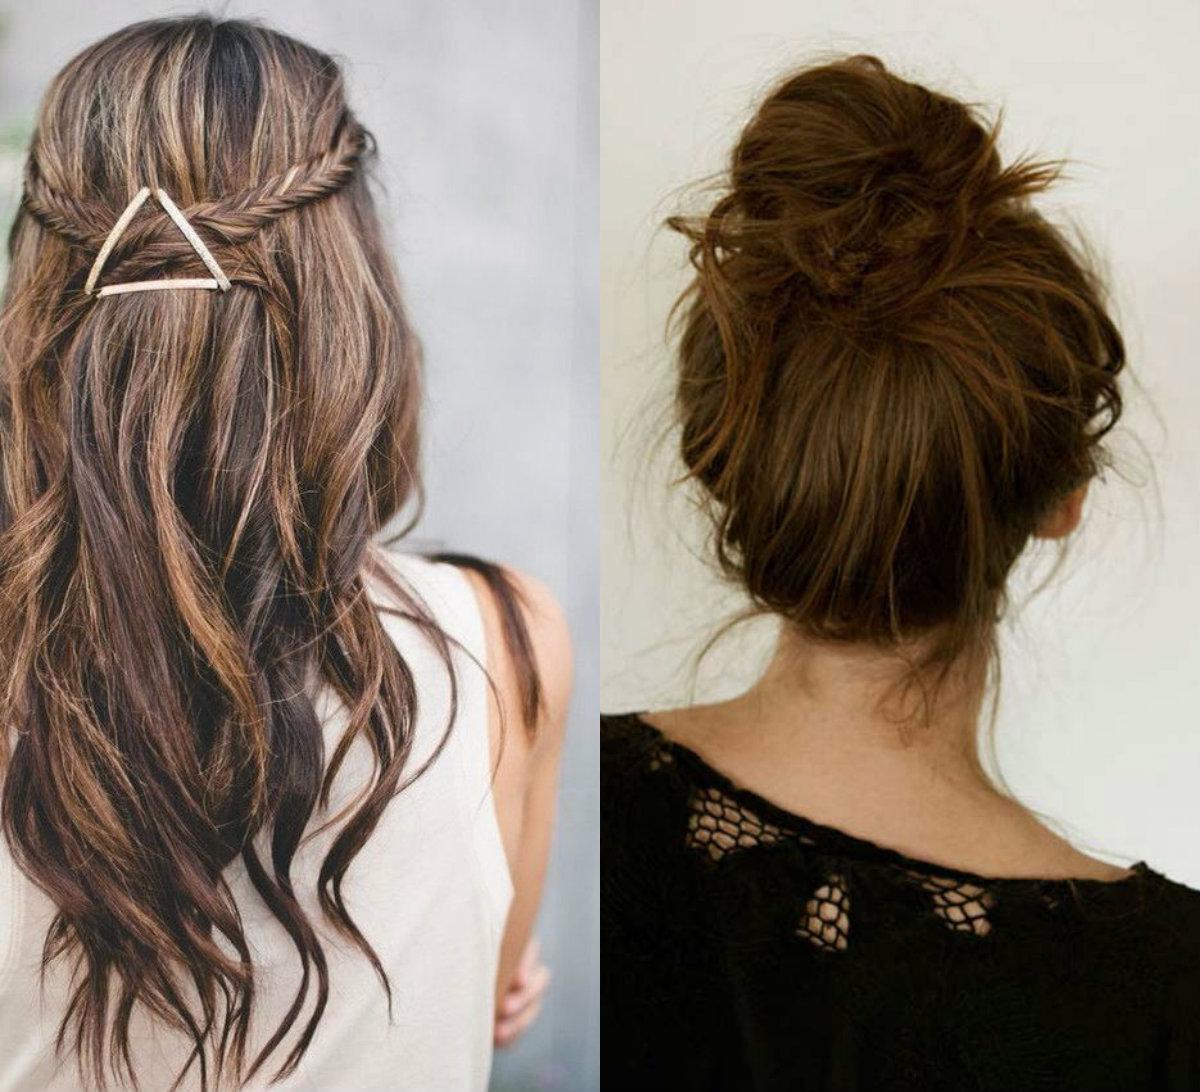 Penteado fácil e lindo pode fazer em casa